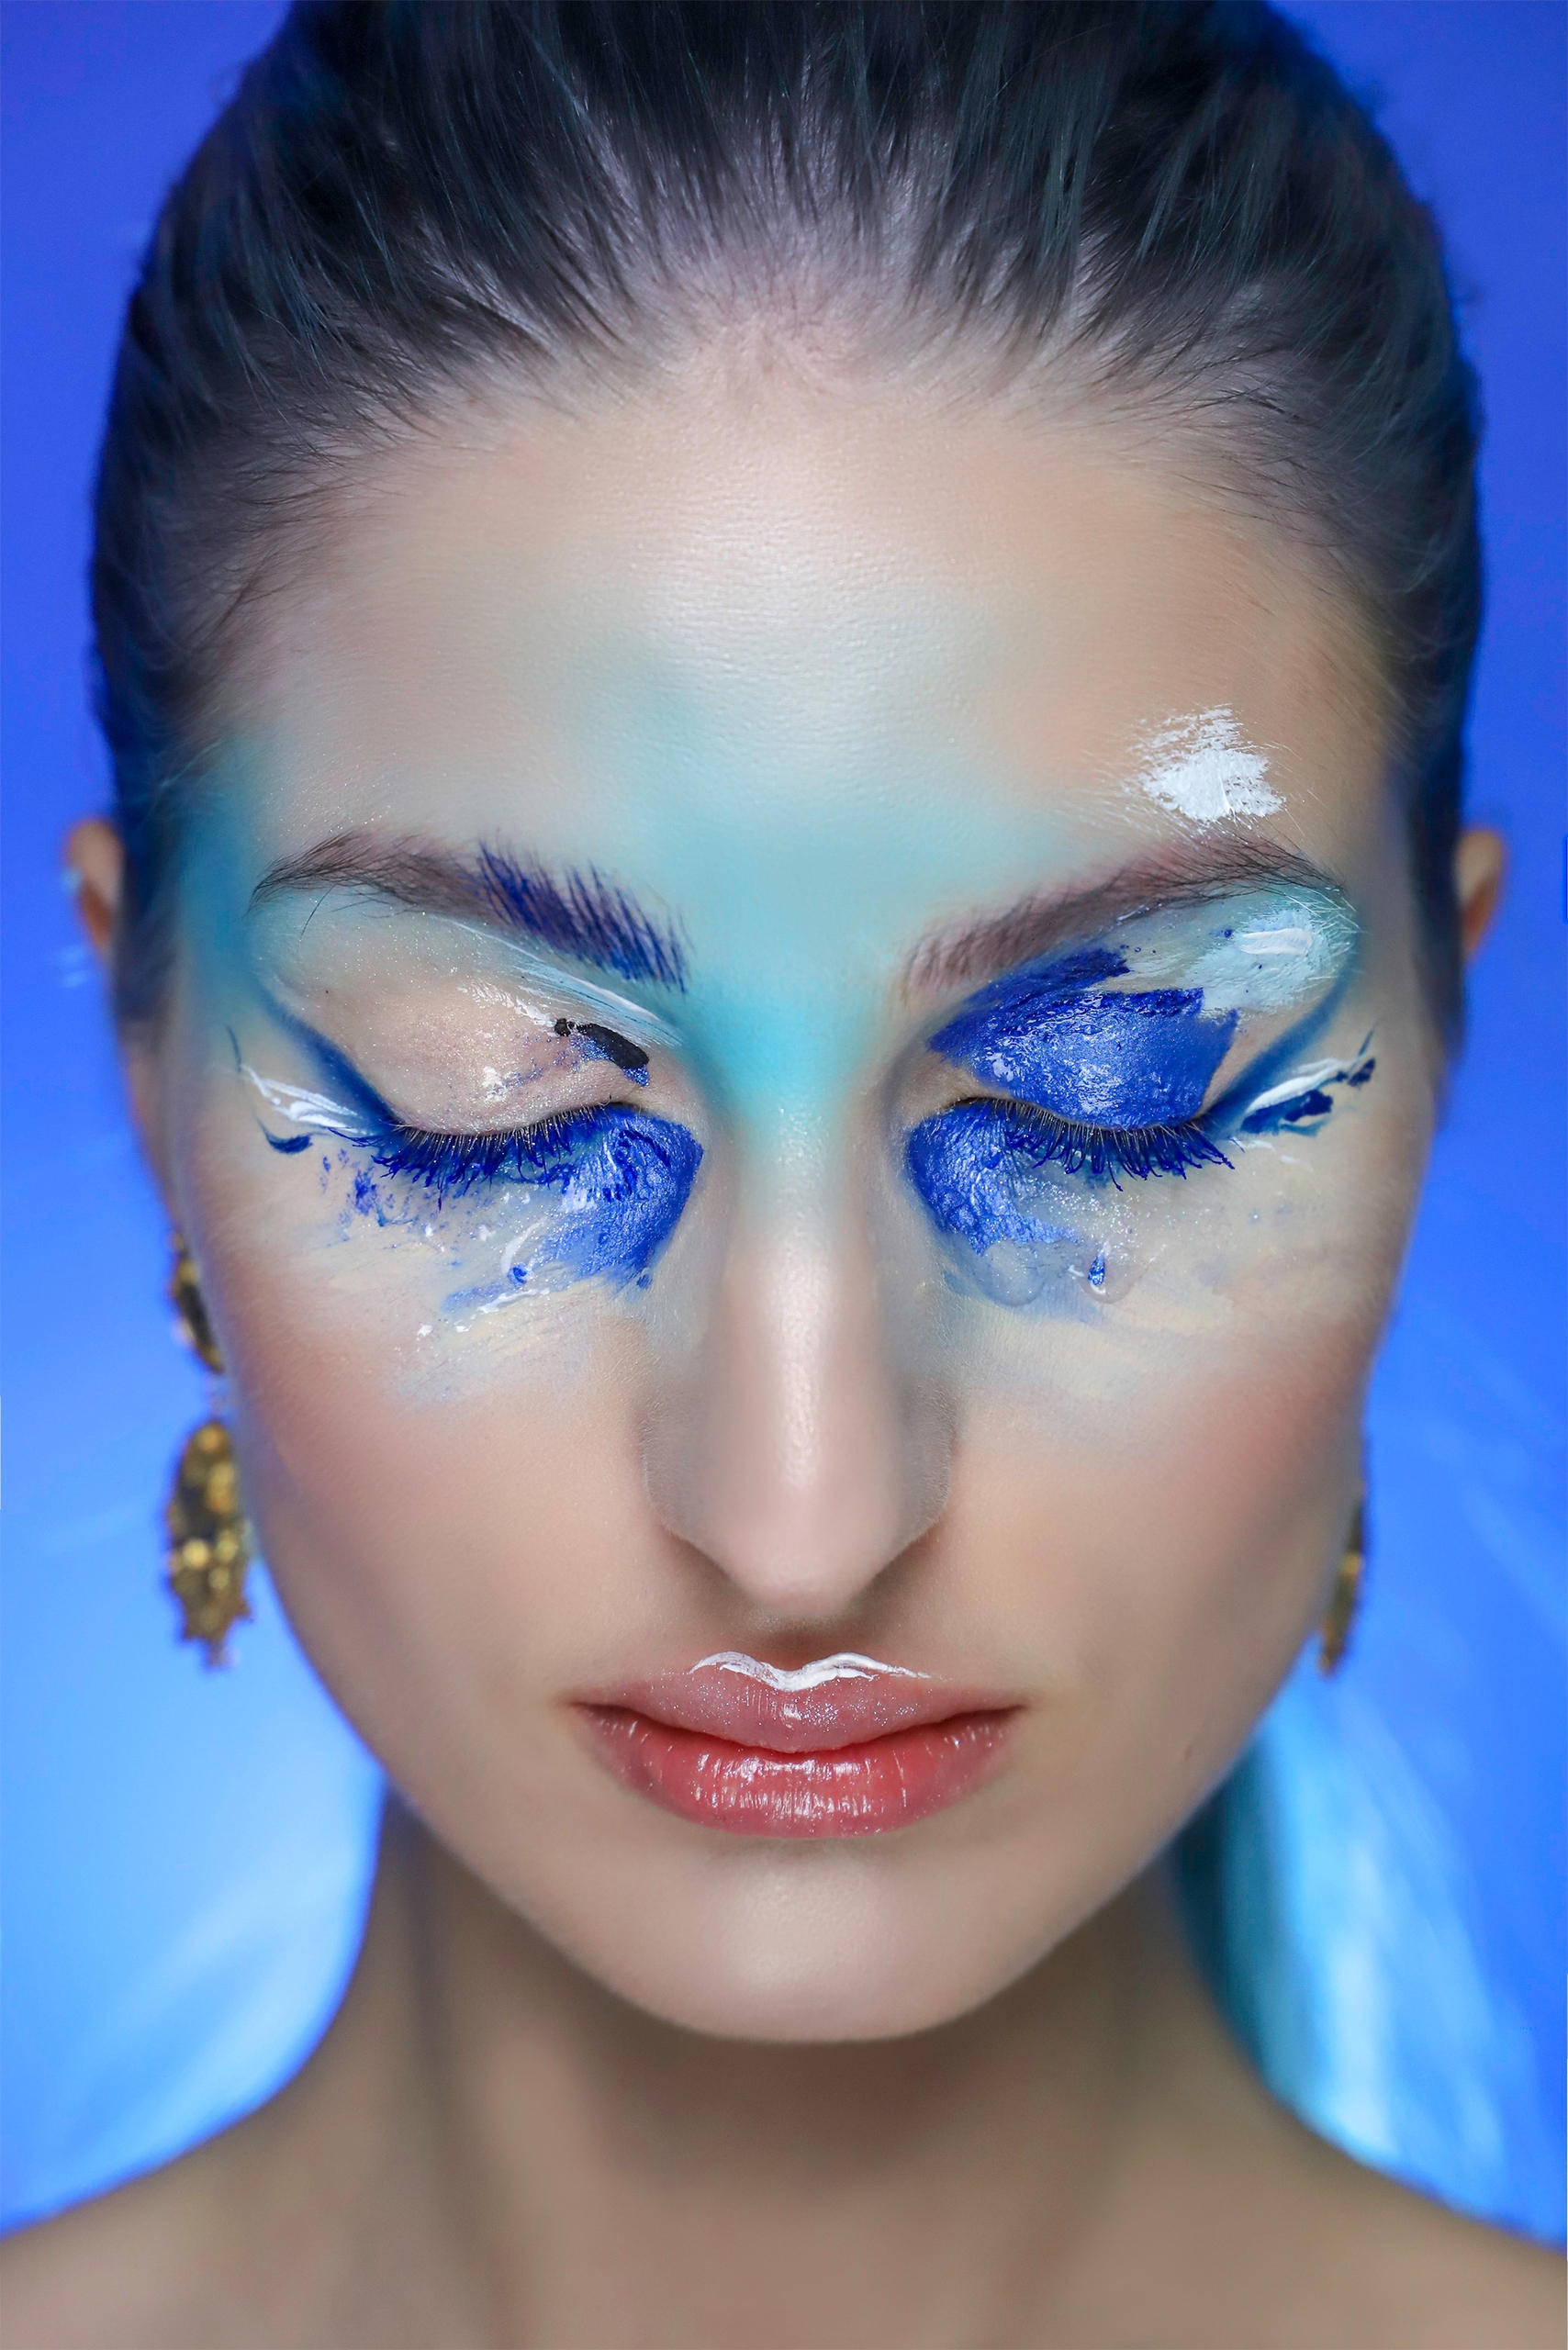 Fotografia przedstawia zbliżenie na artystyczny makijaż w niebieskiej tonacji. Kobieta na zdjęciu ma zamknięte oczy.